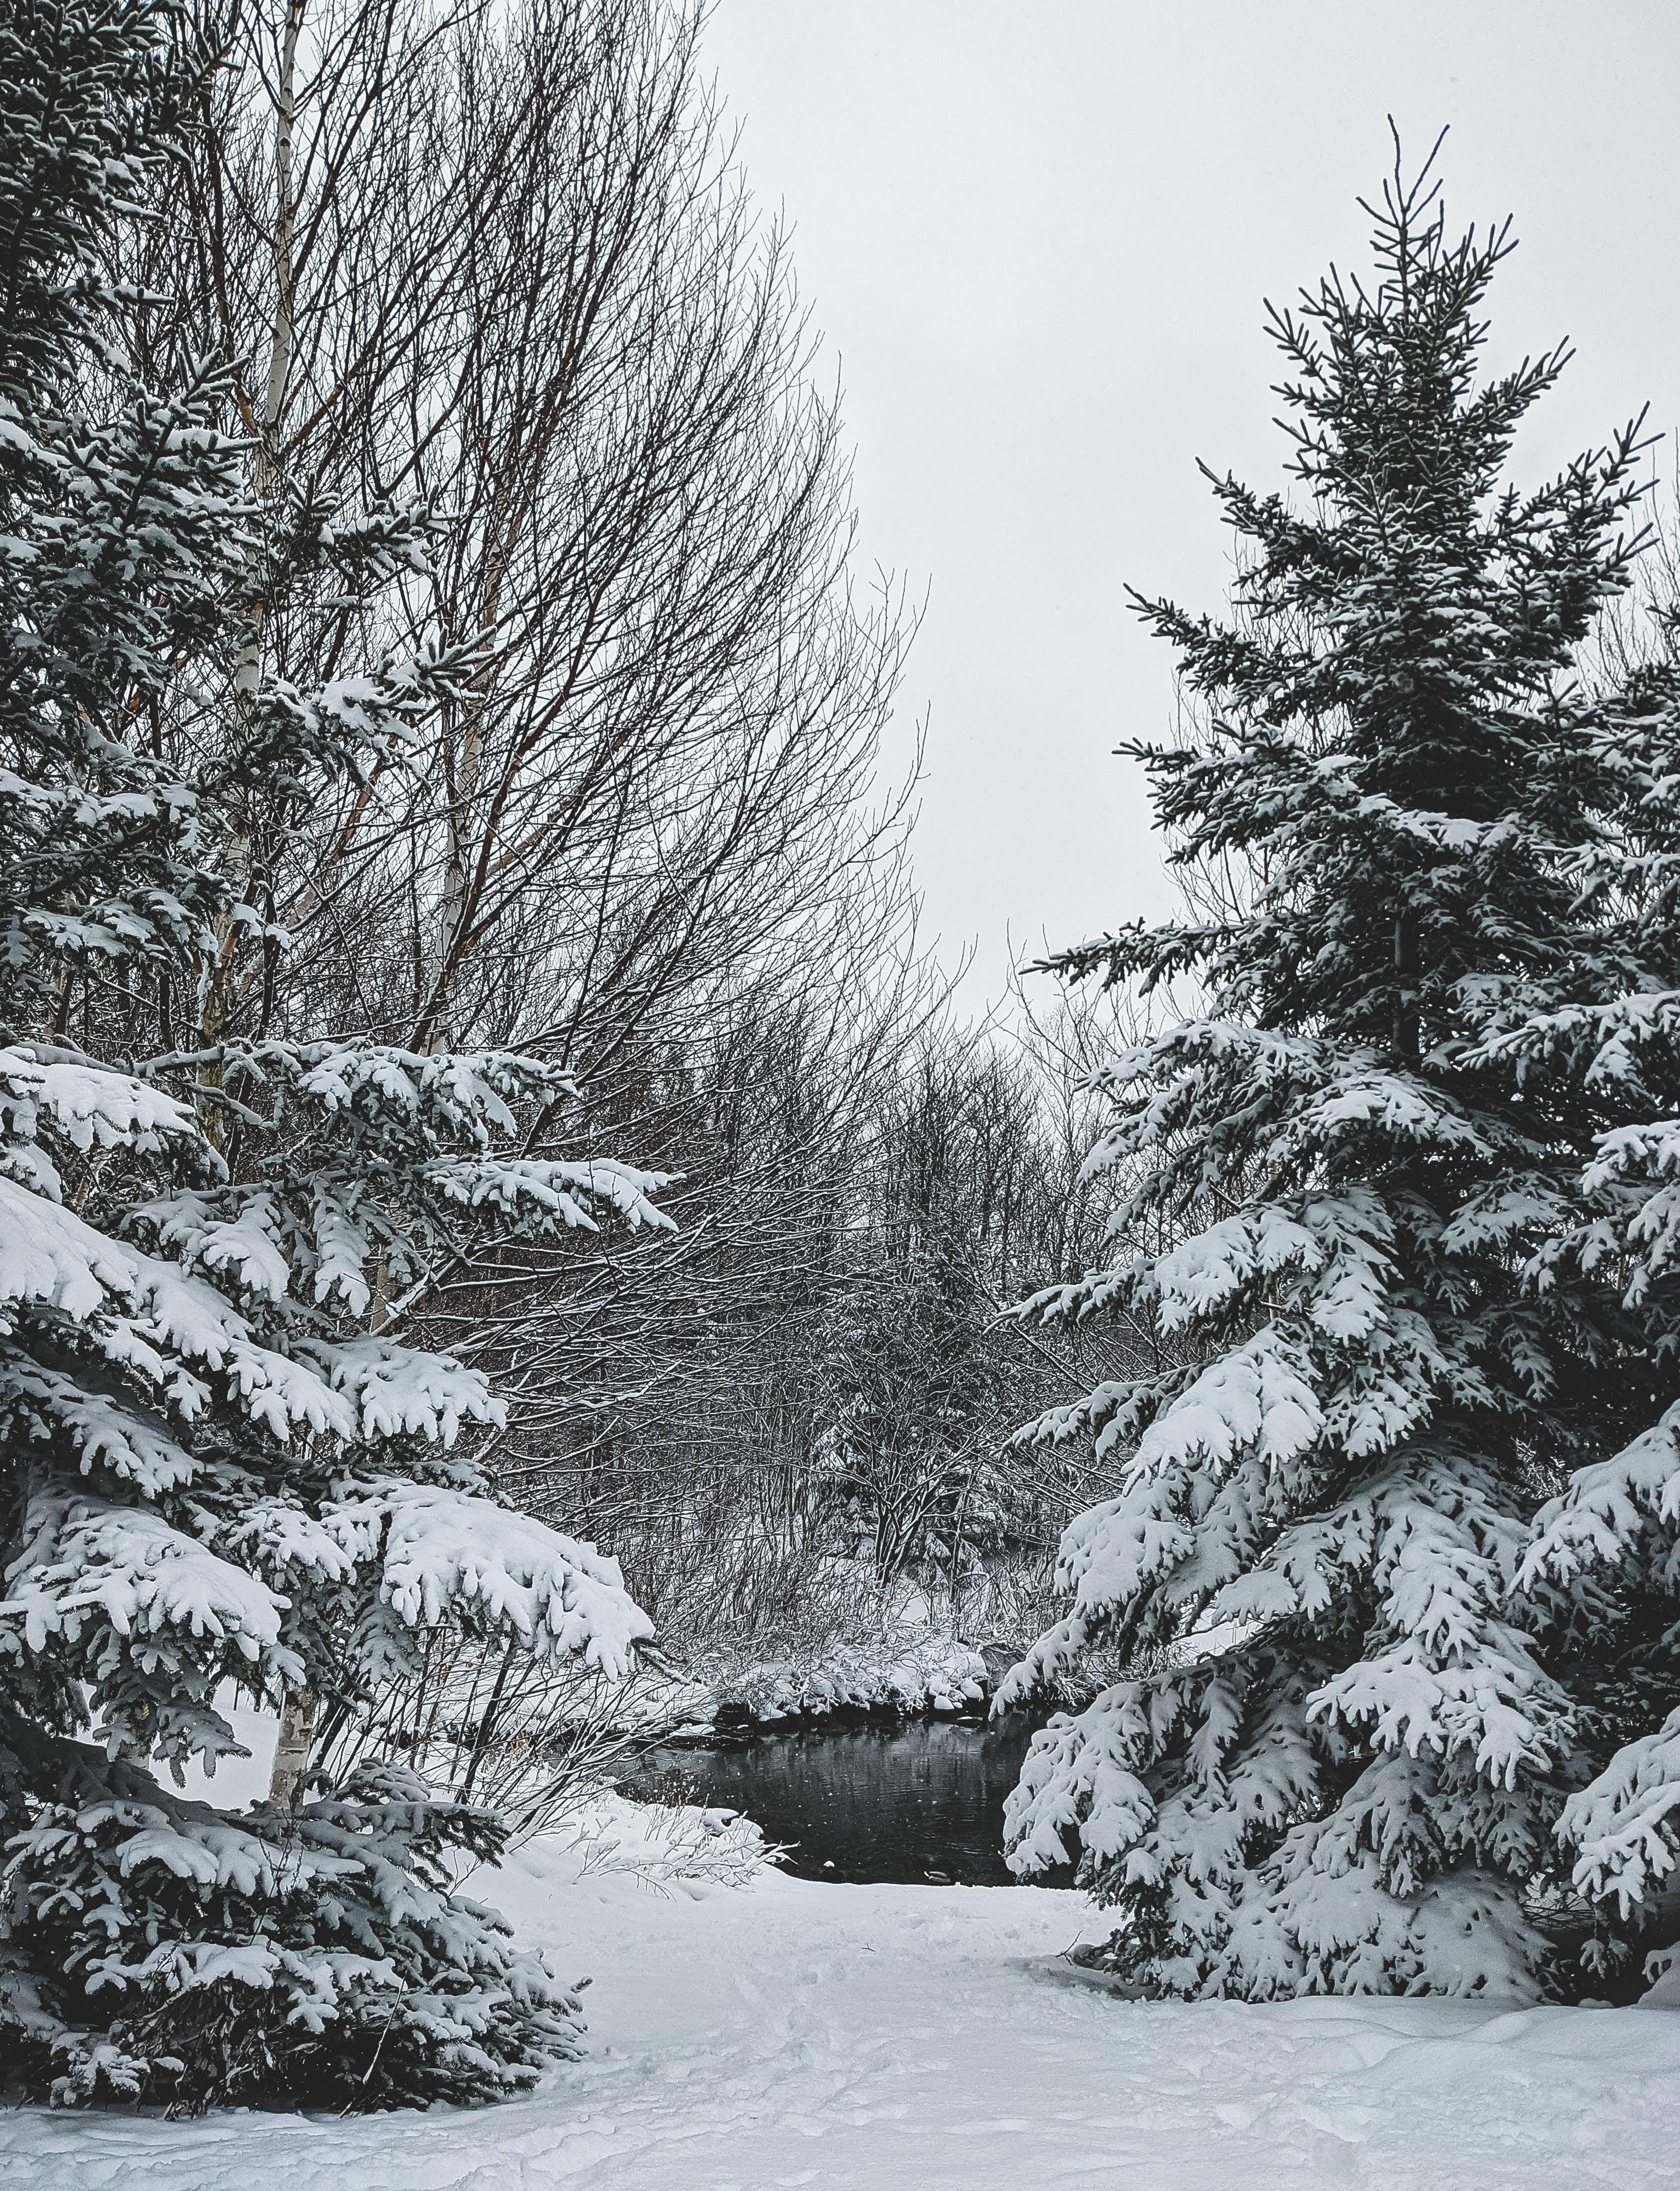 Winter Scene | Photo by Sigmund via Unsplash